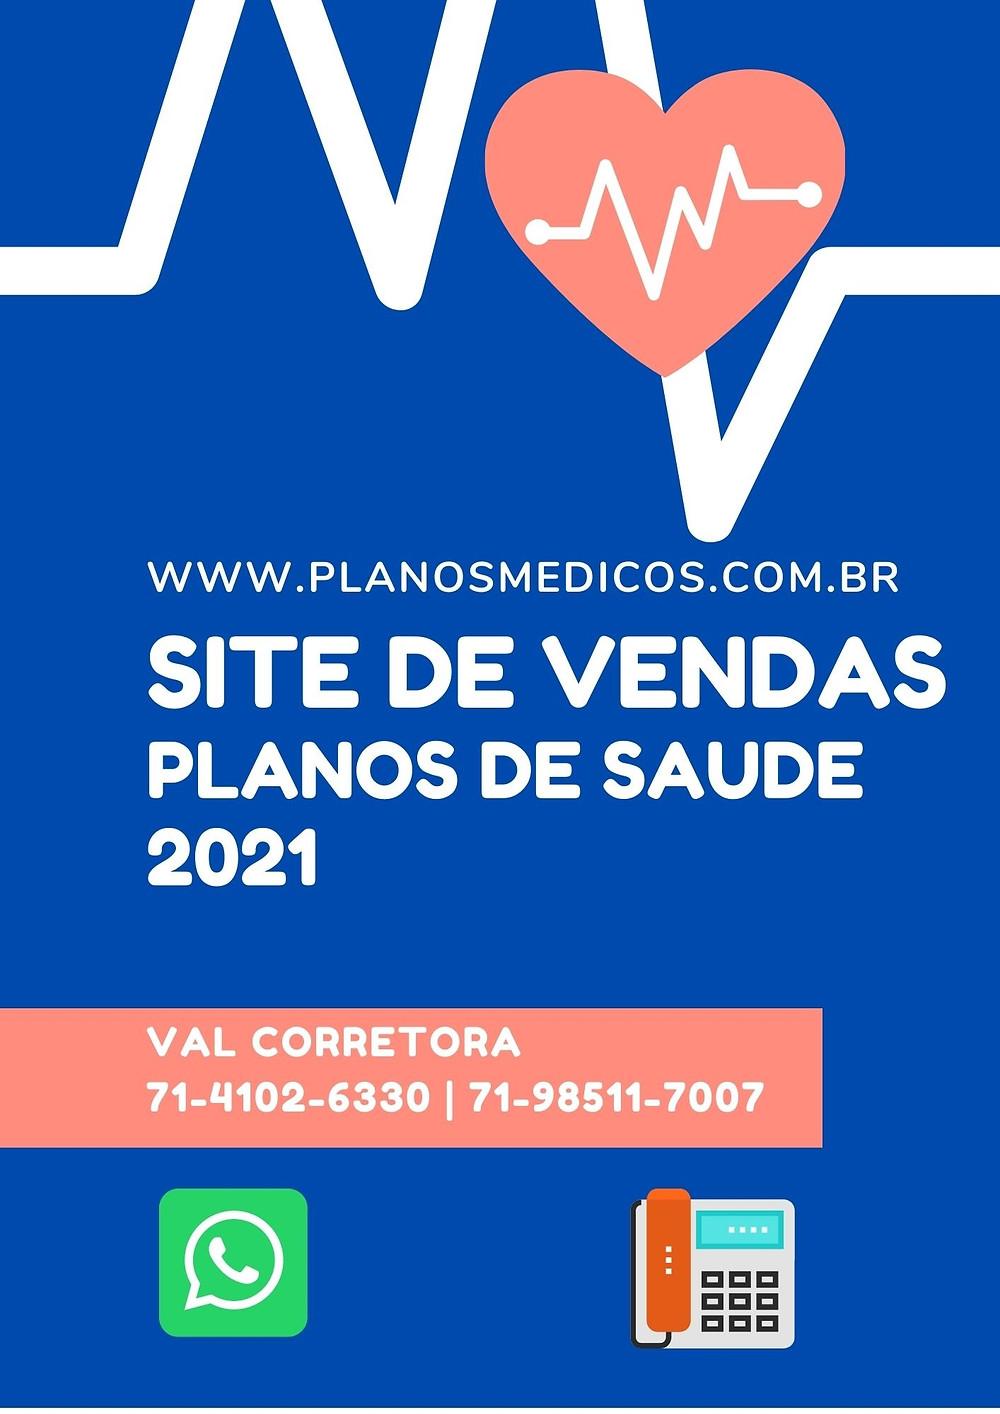 CORRETORES VENDAS DE PLANOS DE SAUDE